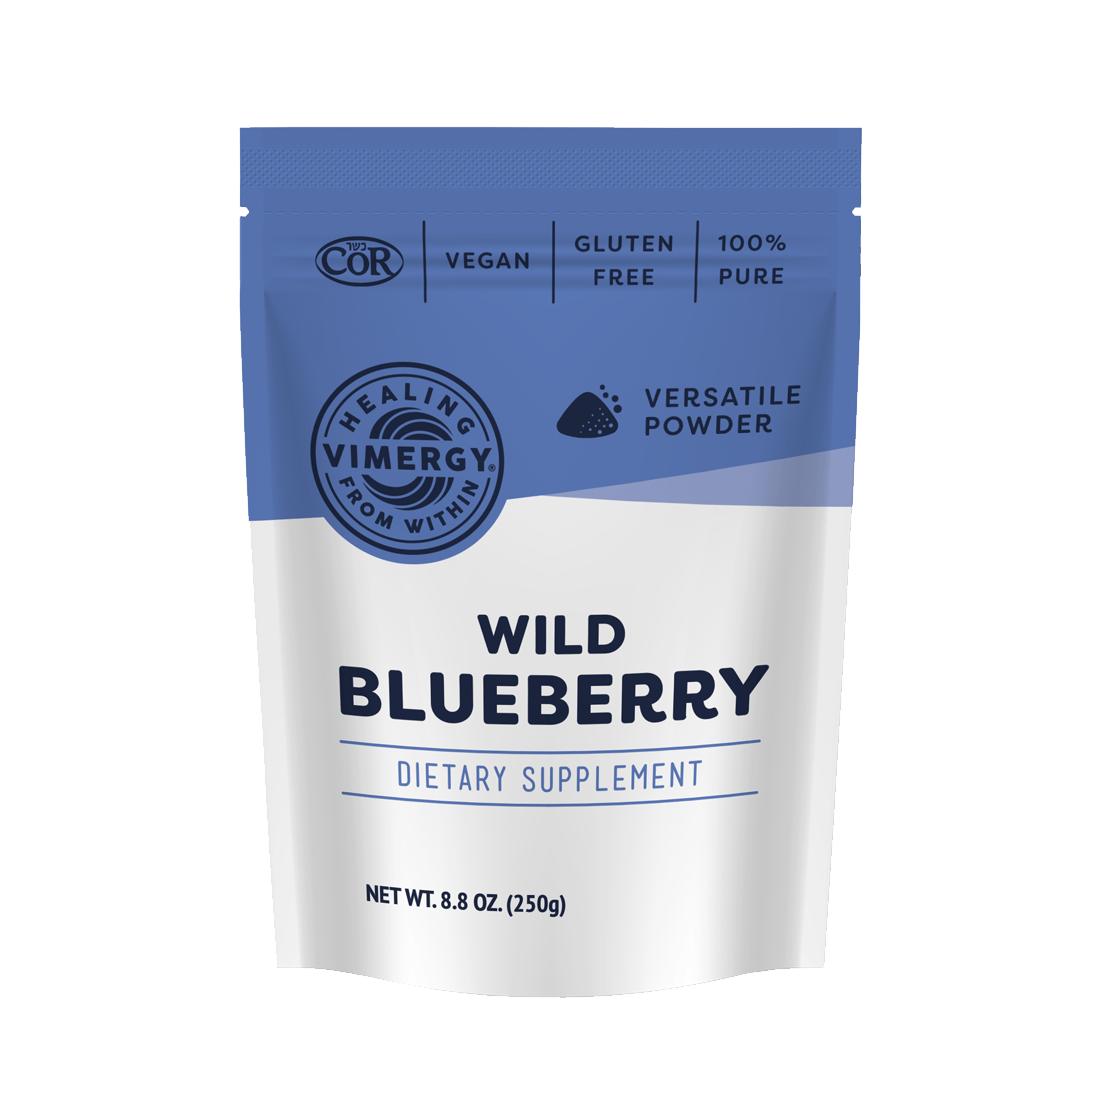 flower-of-life-vimergy-wild-blueberry-pack-250g-front